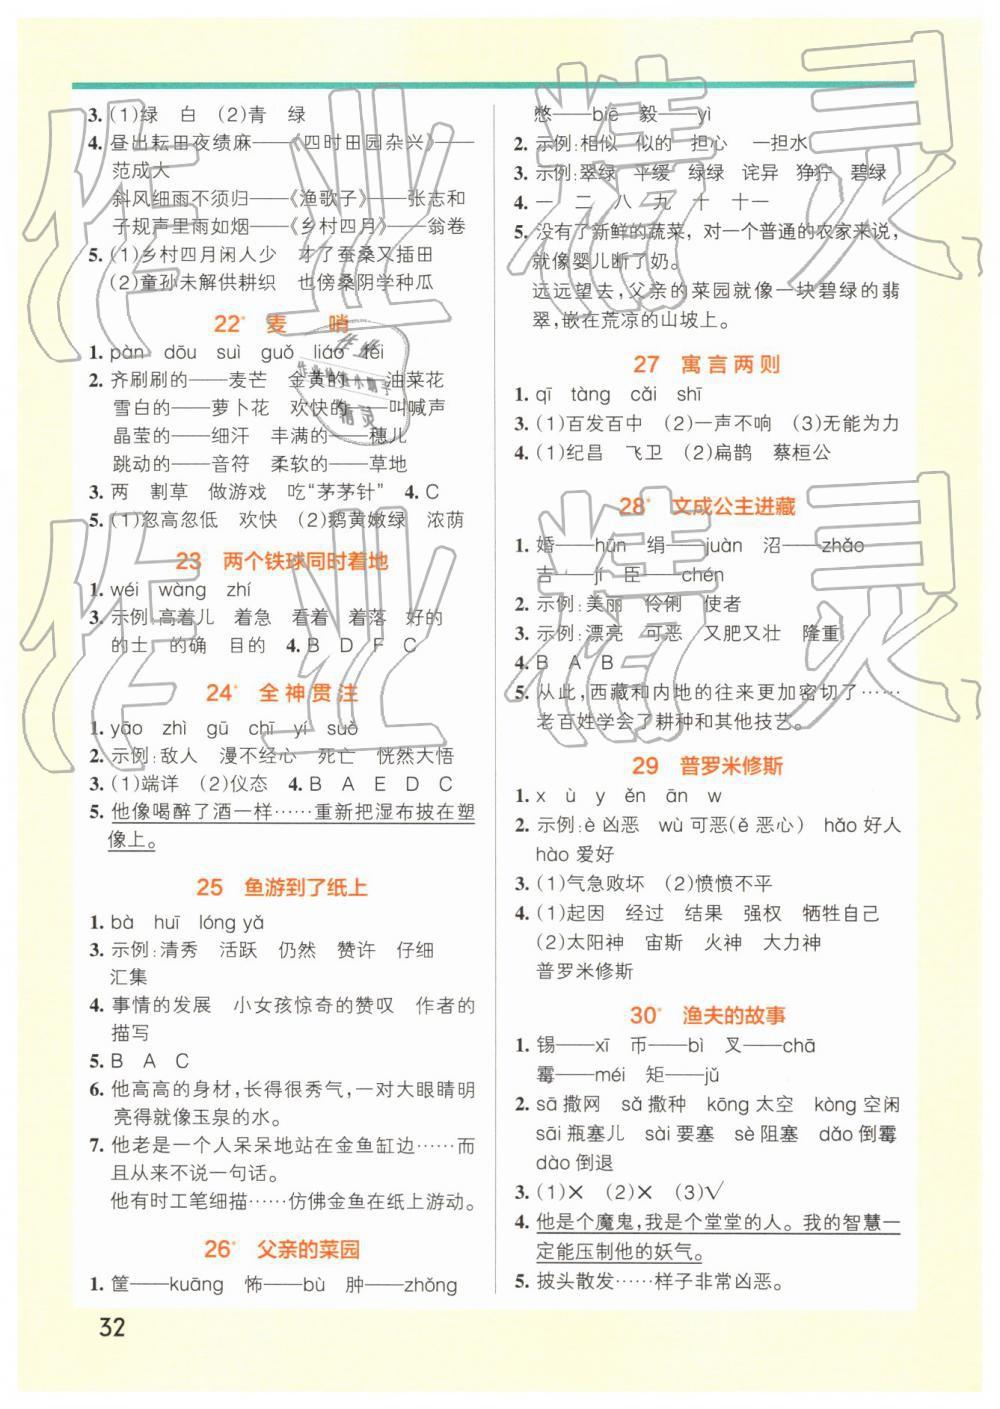 2019年人教学霸作业本四小学语文下册小学版2019年惠州仲恺年级学校划分分布图图片